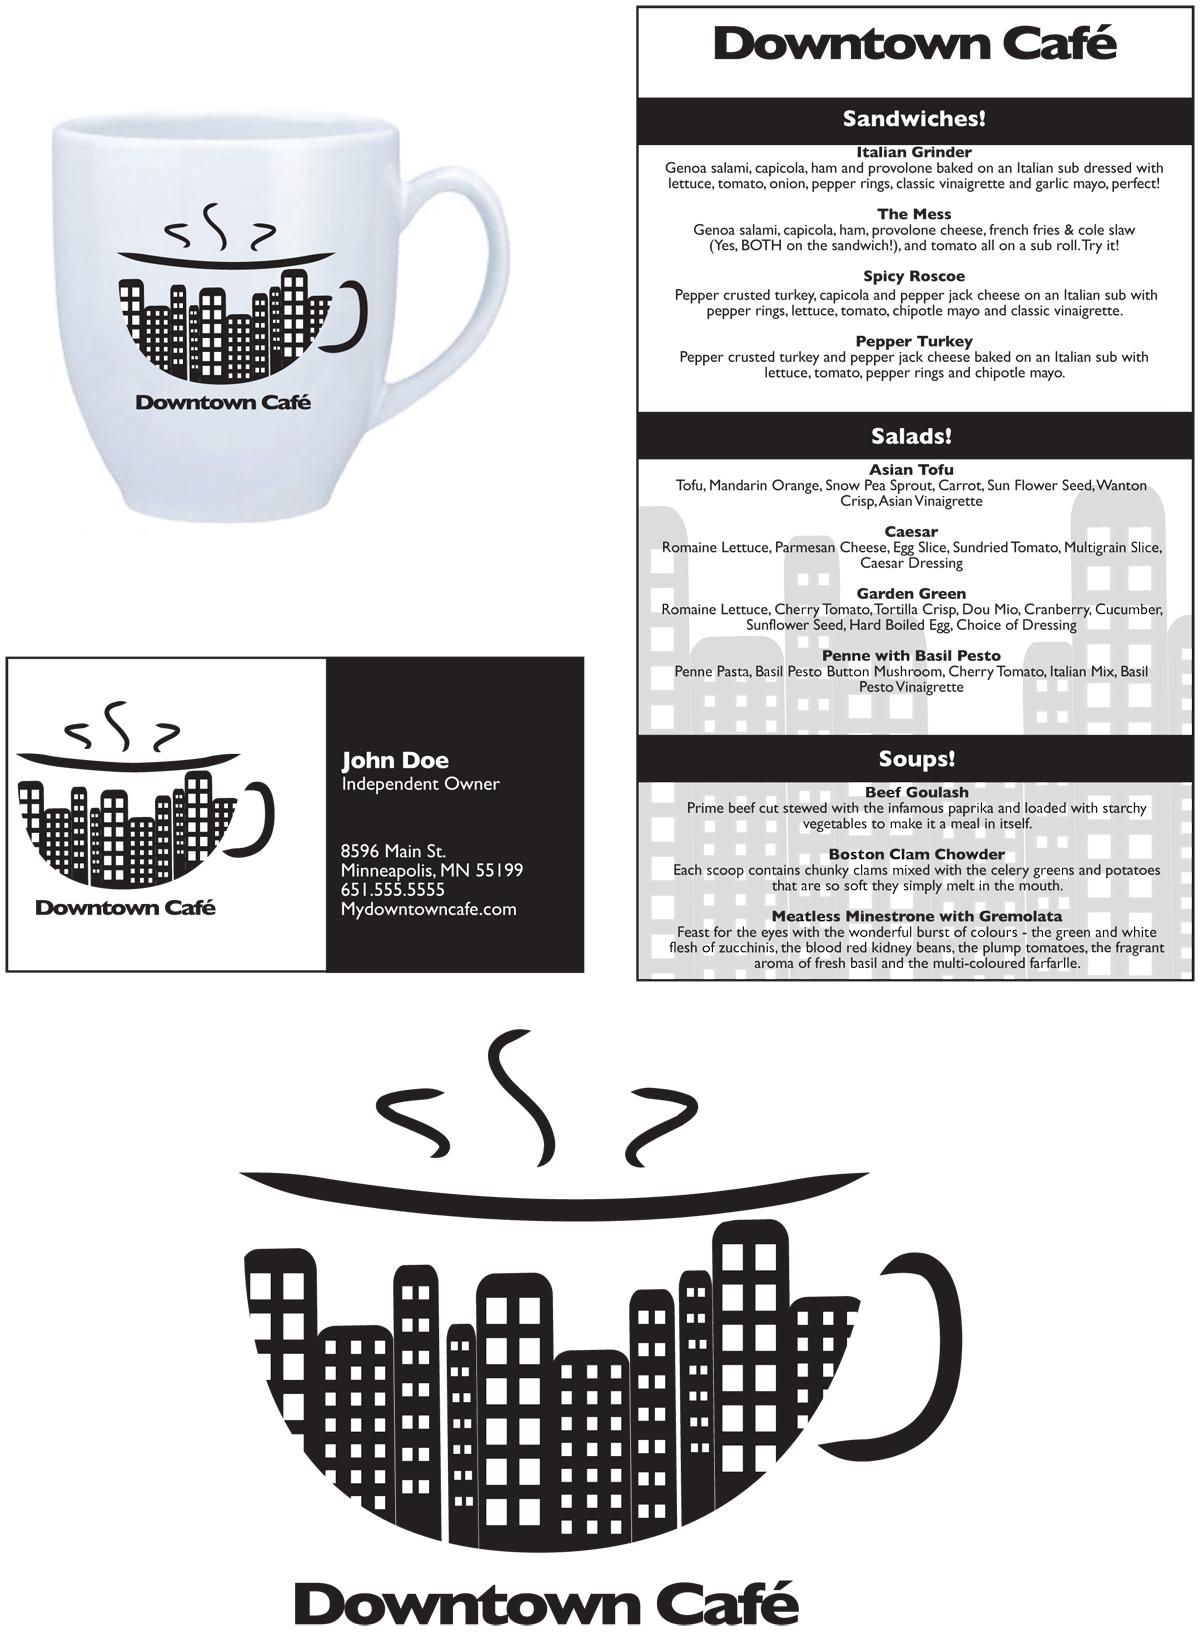 forte_cafe